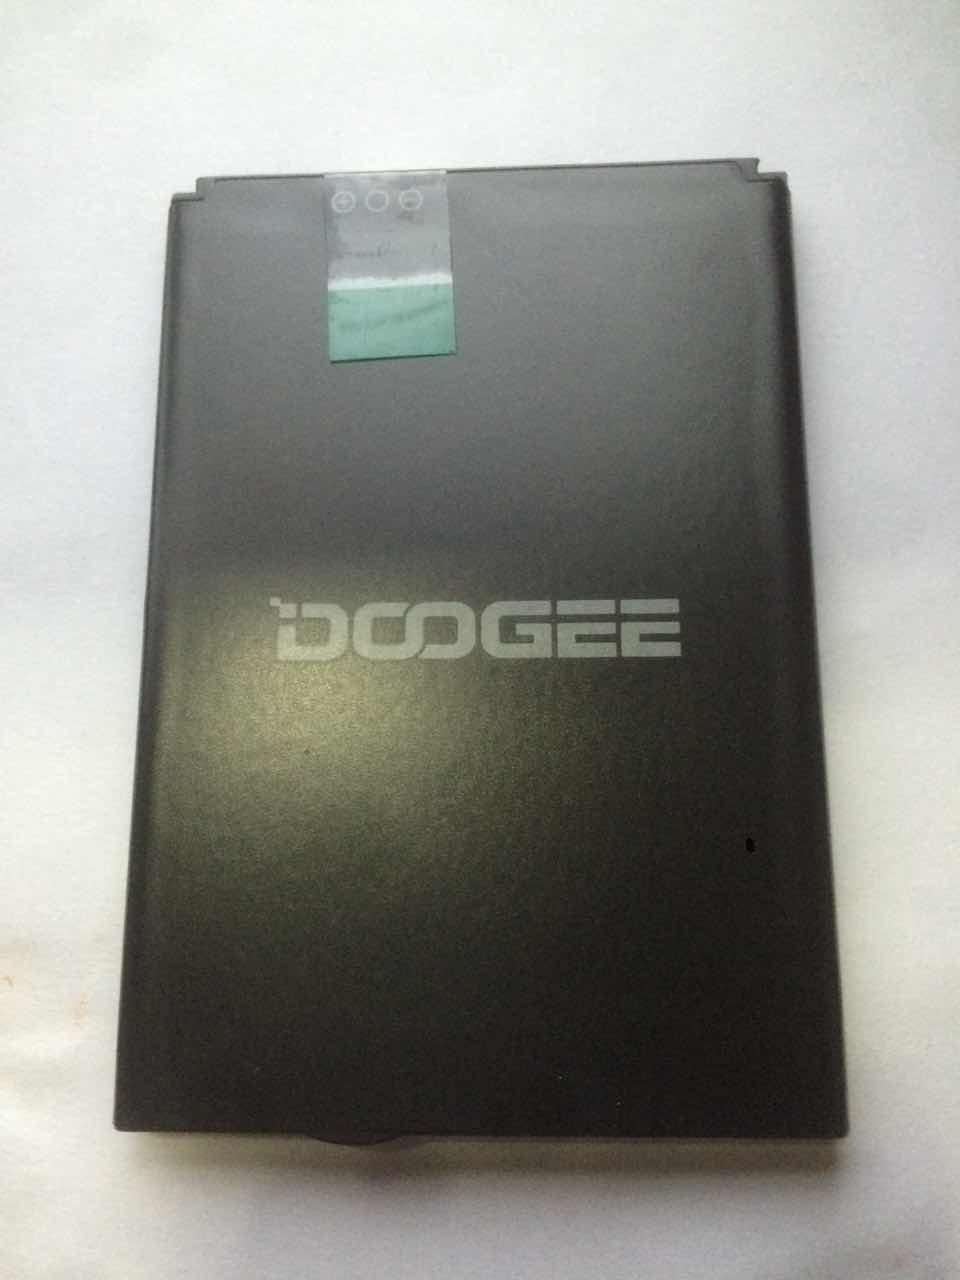 DOOGEE T5 Batterie Remplacement BAT16464500 4500 mAh Grande Capacité Li-ion Batterie De Secours Pour DOOGEE T5 Lite Téléphone Intelligent-Dans Stock